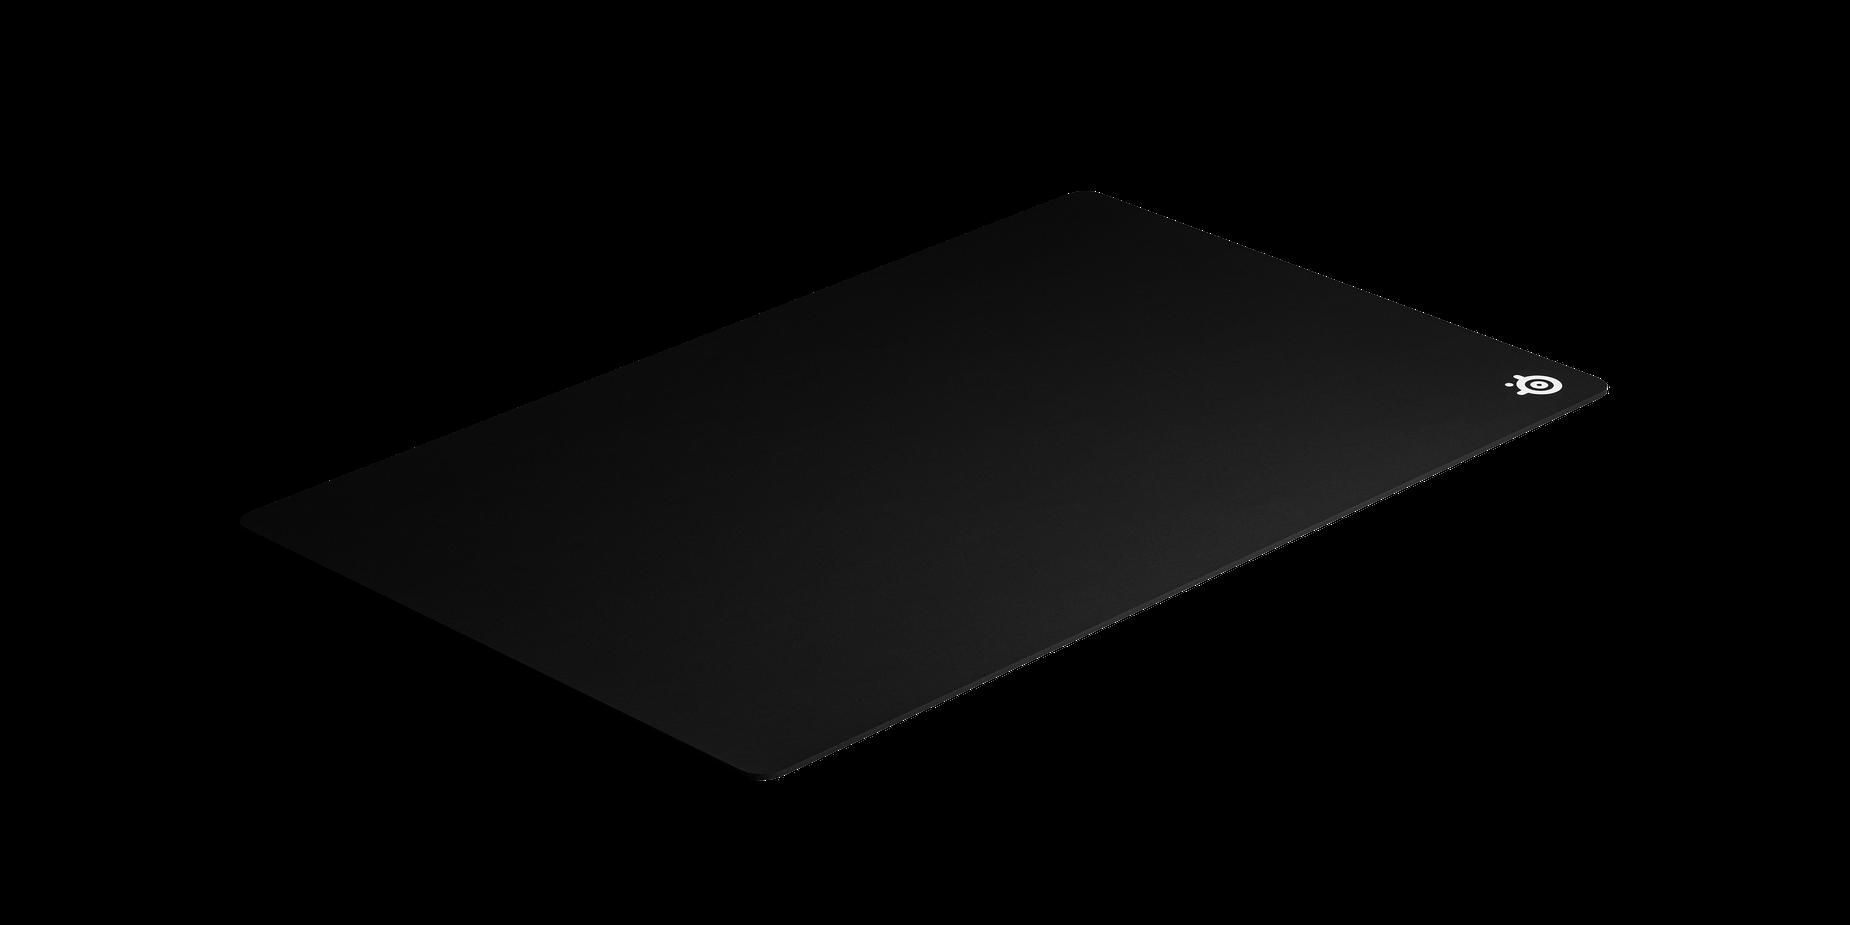 サイズを比較したQcKマウスパッドのアングル画像